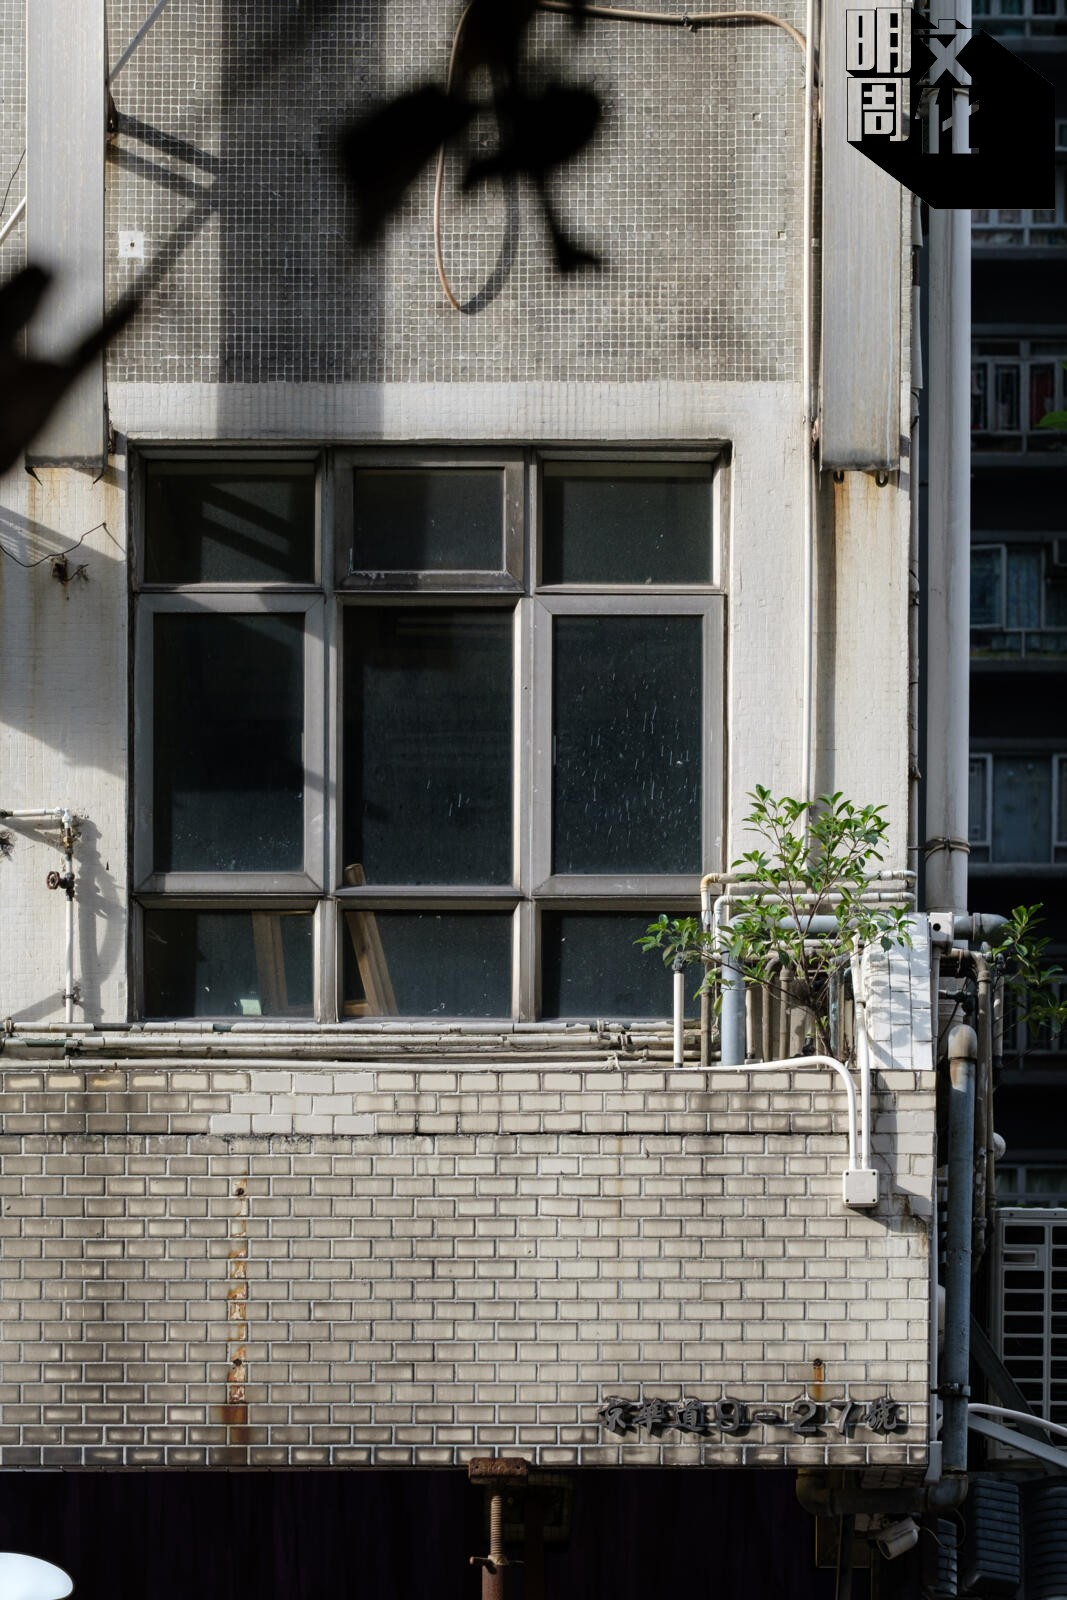 老舊的環境,卻其實是這個城市中難能可貴的不變。